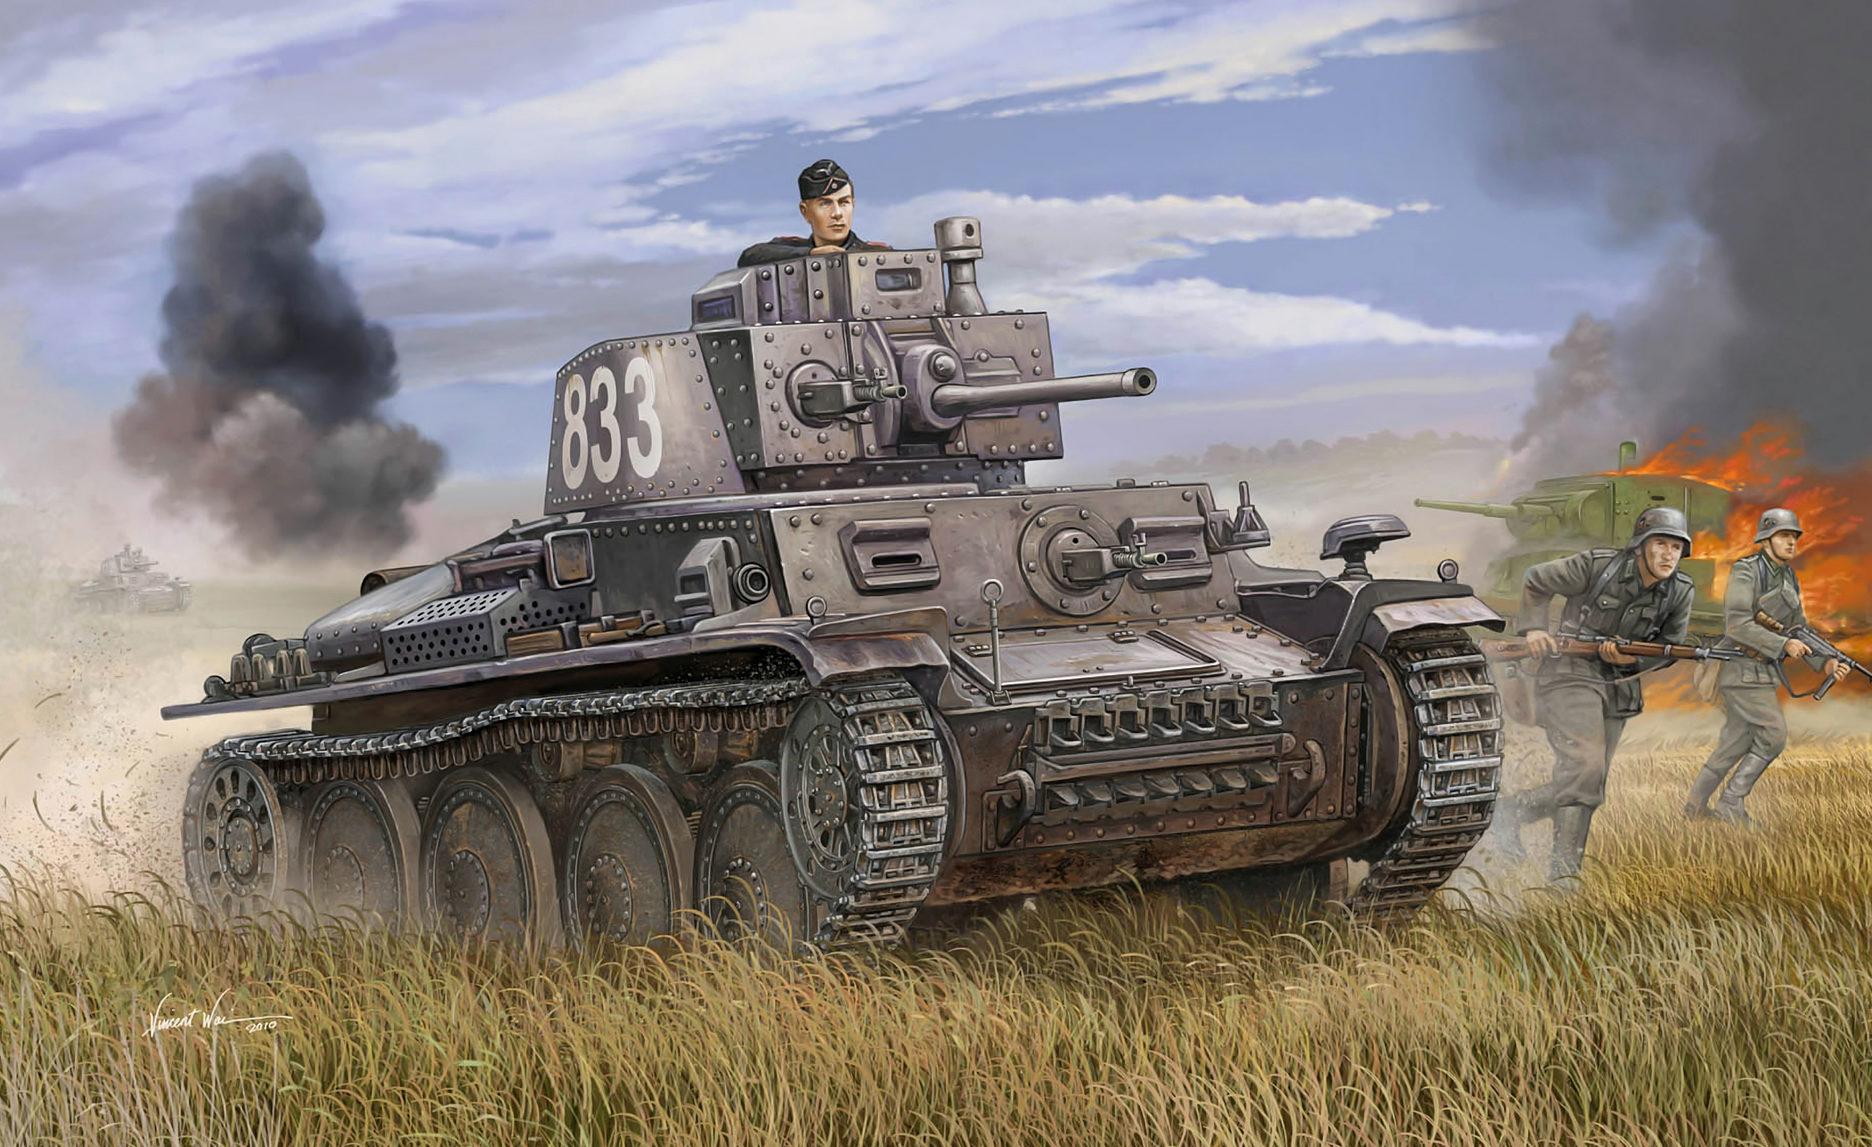 Wai Vincent. Танк Pz.Kpfw. 38(t).